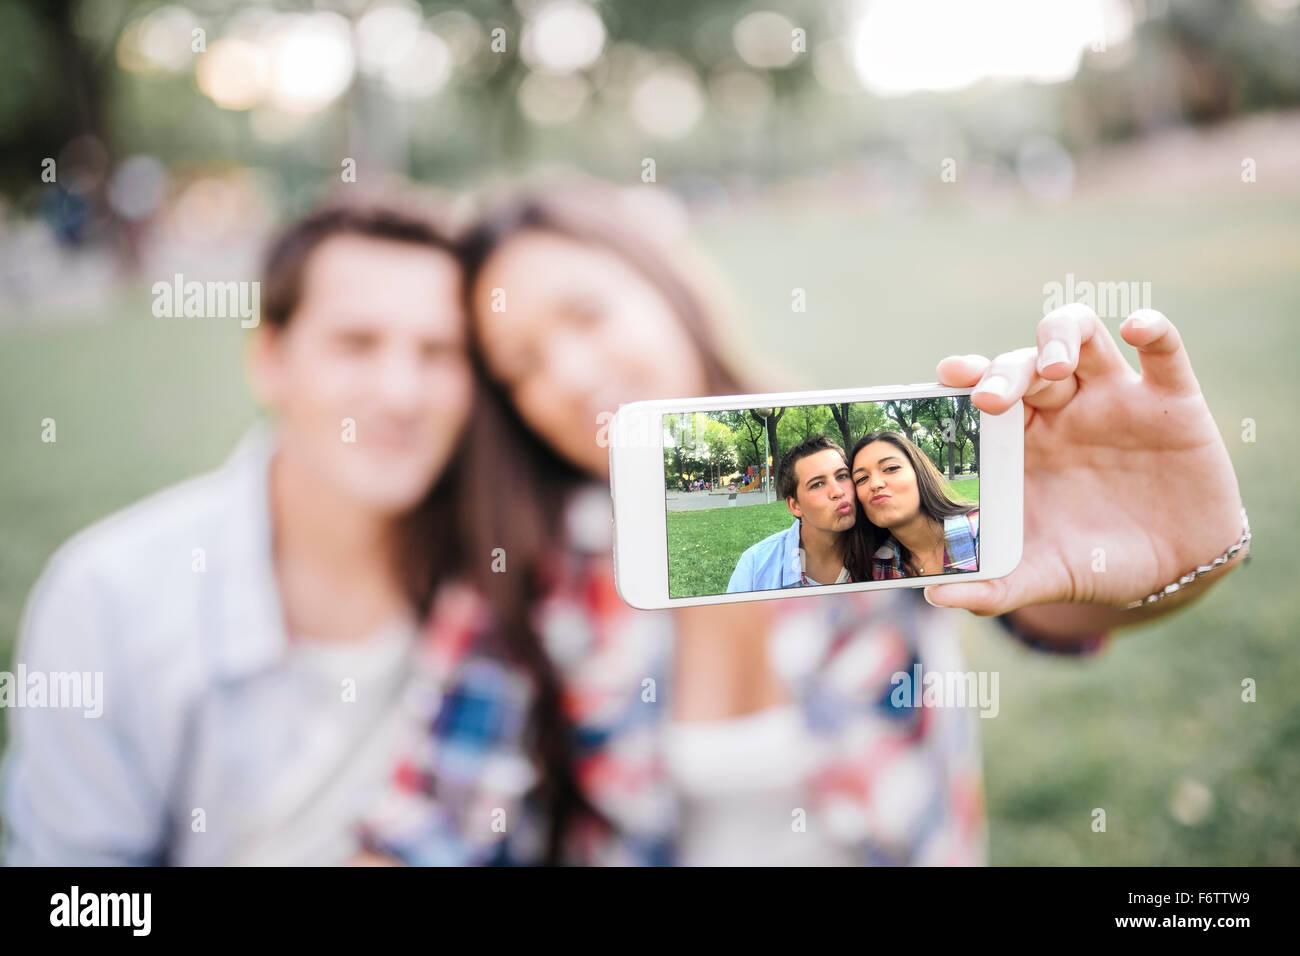 Foto sul display di uno smartphone di coppia giovane in amore Immagini Stock